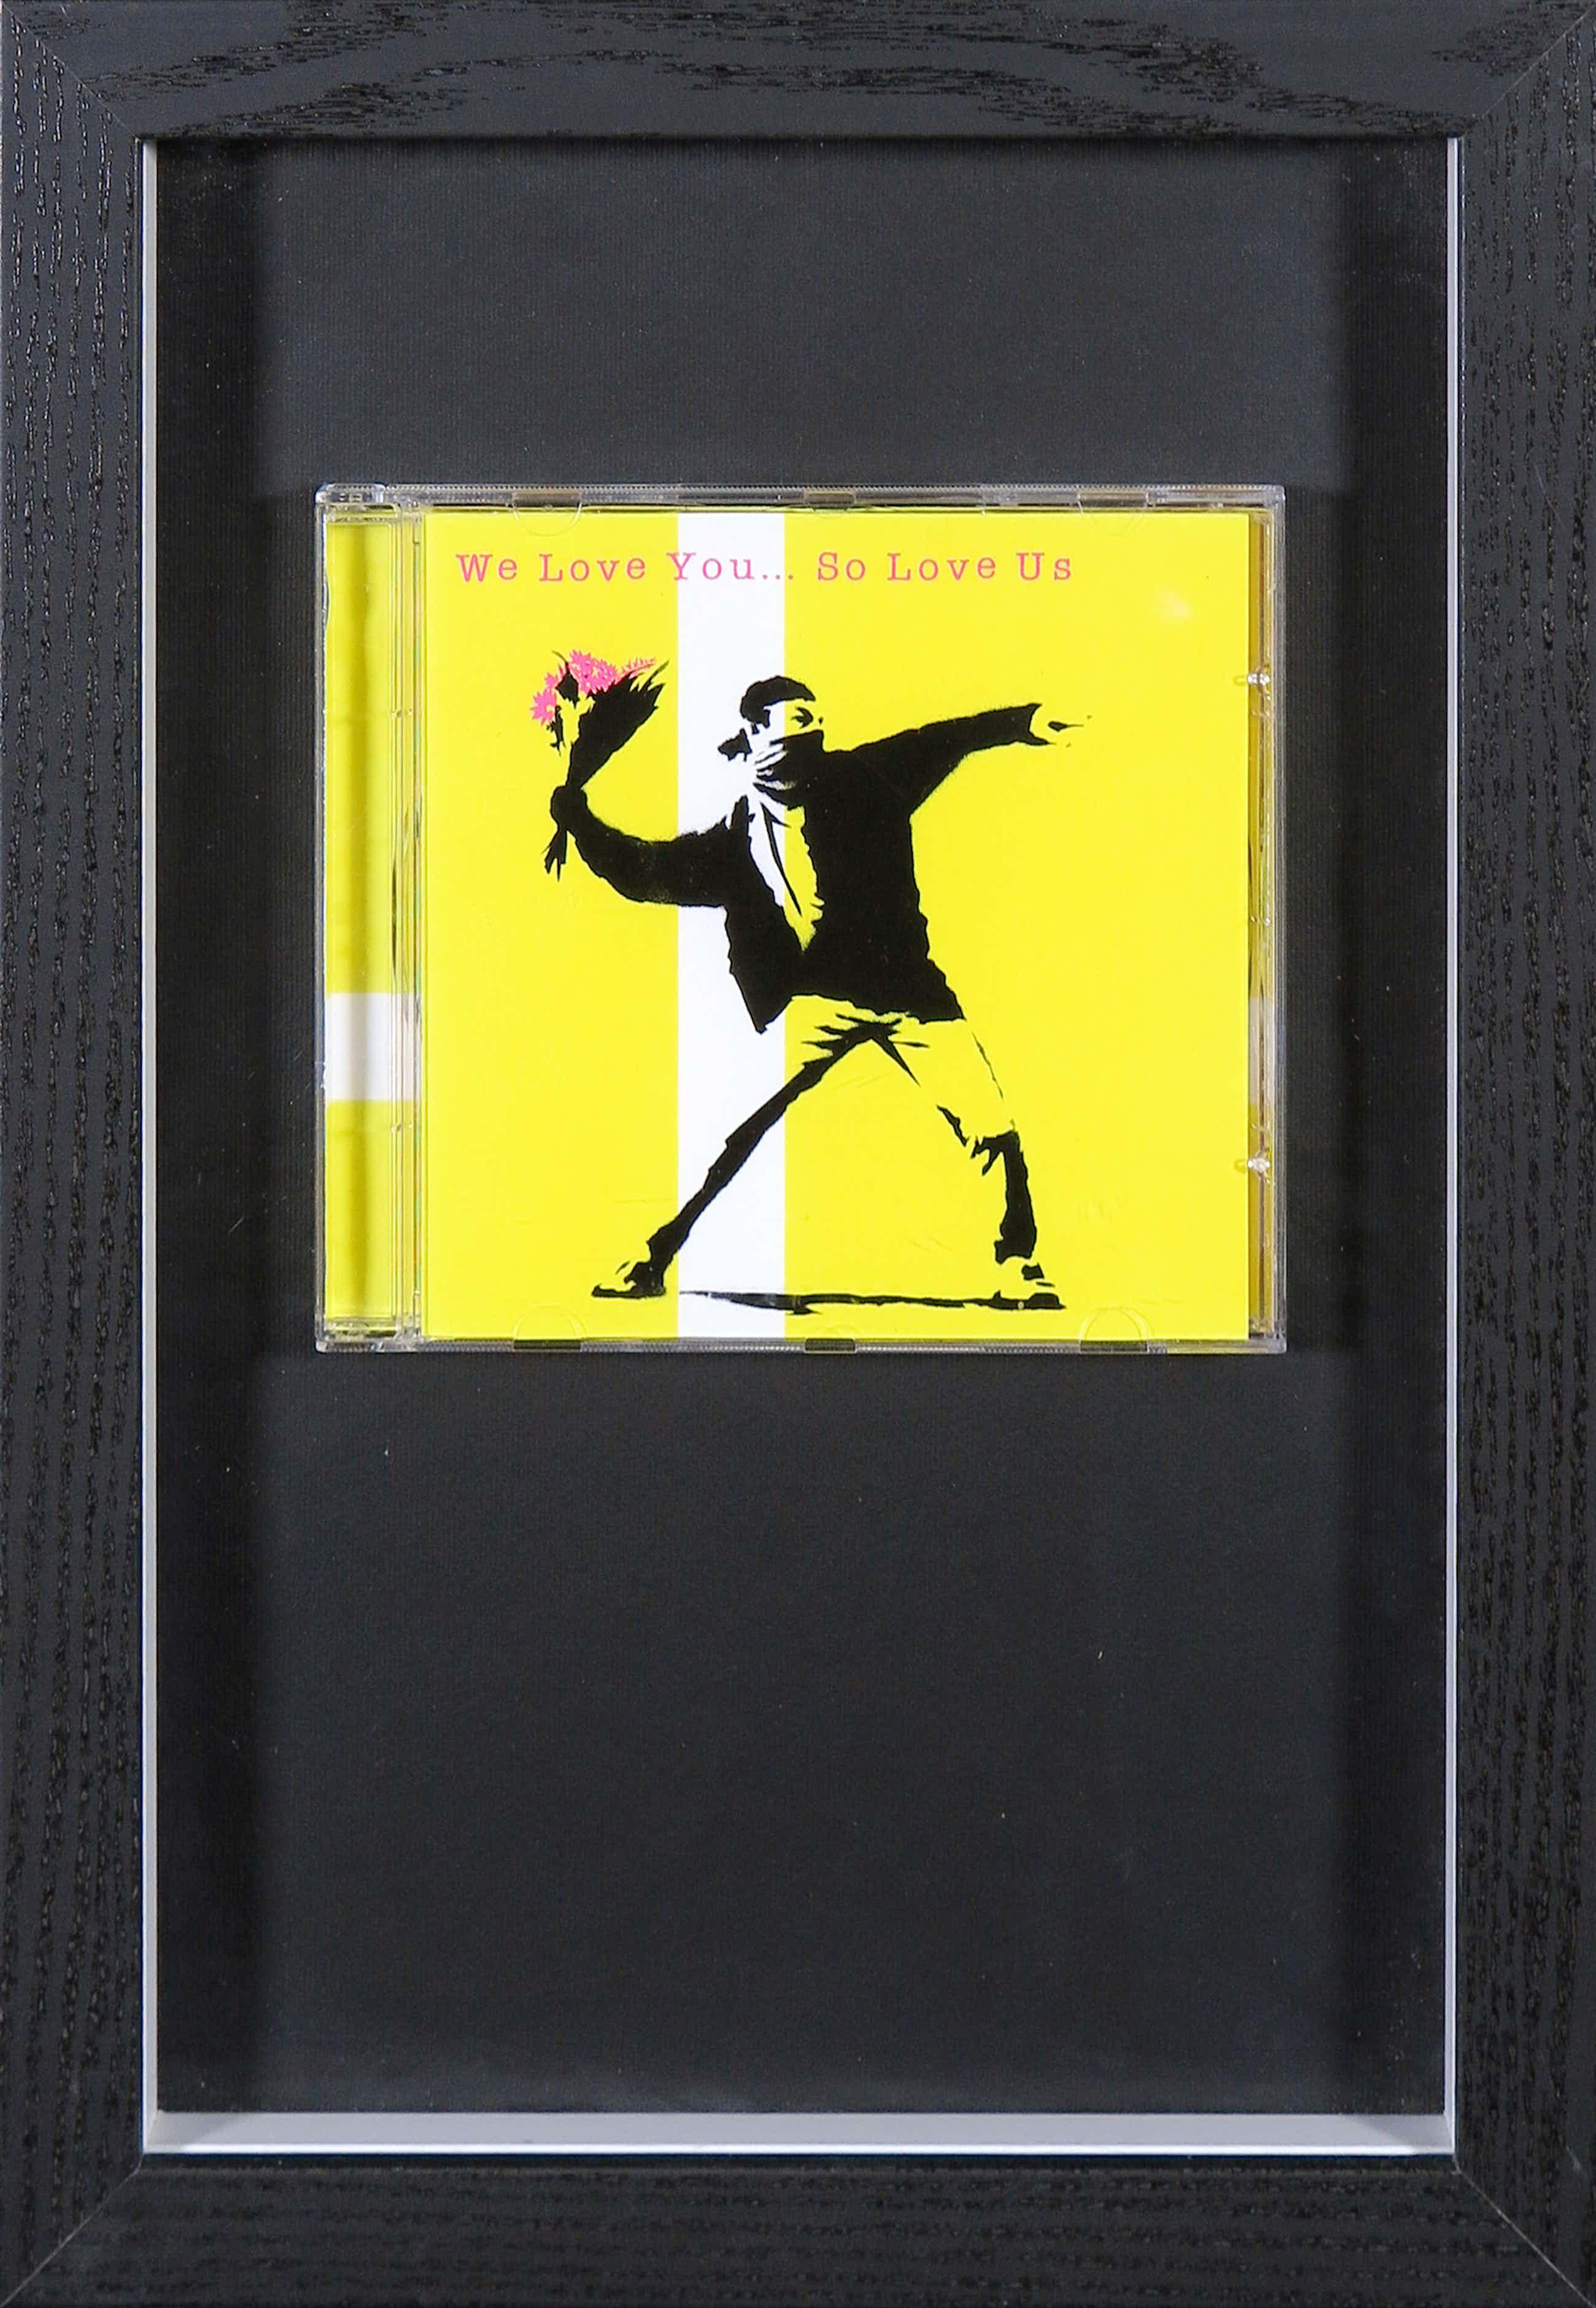 Banksy - We love you... so love us (CD) kopen? Bied vanaf 123!